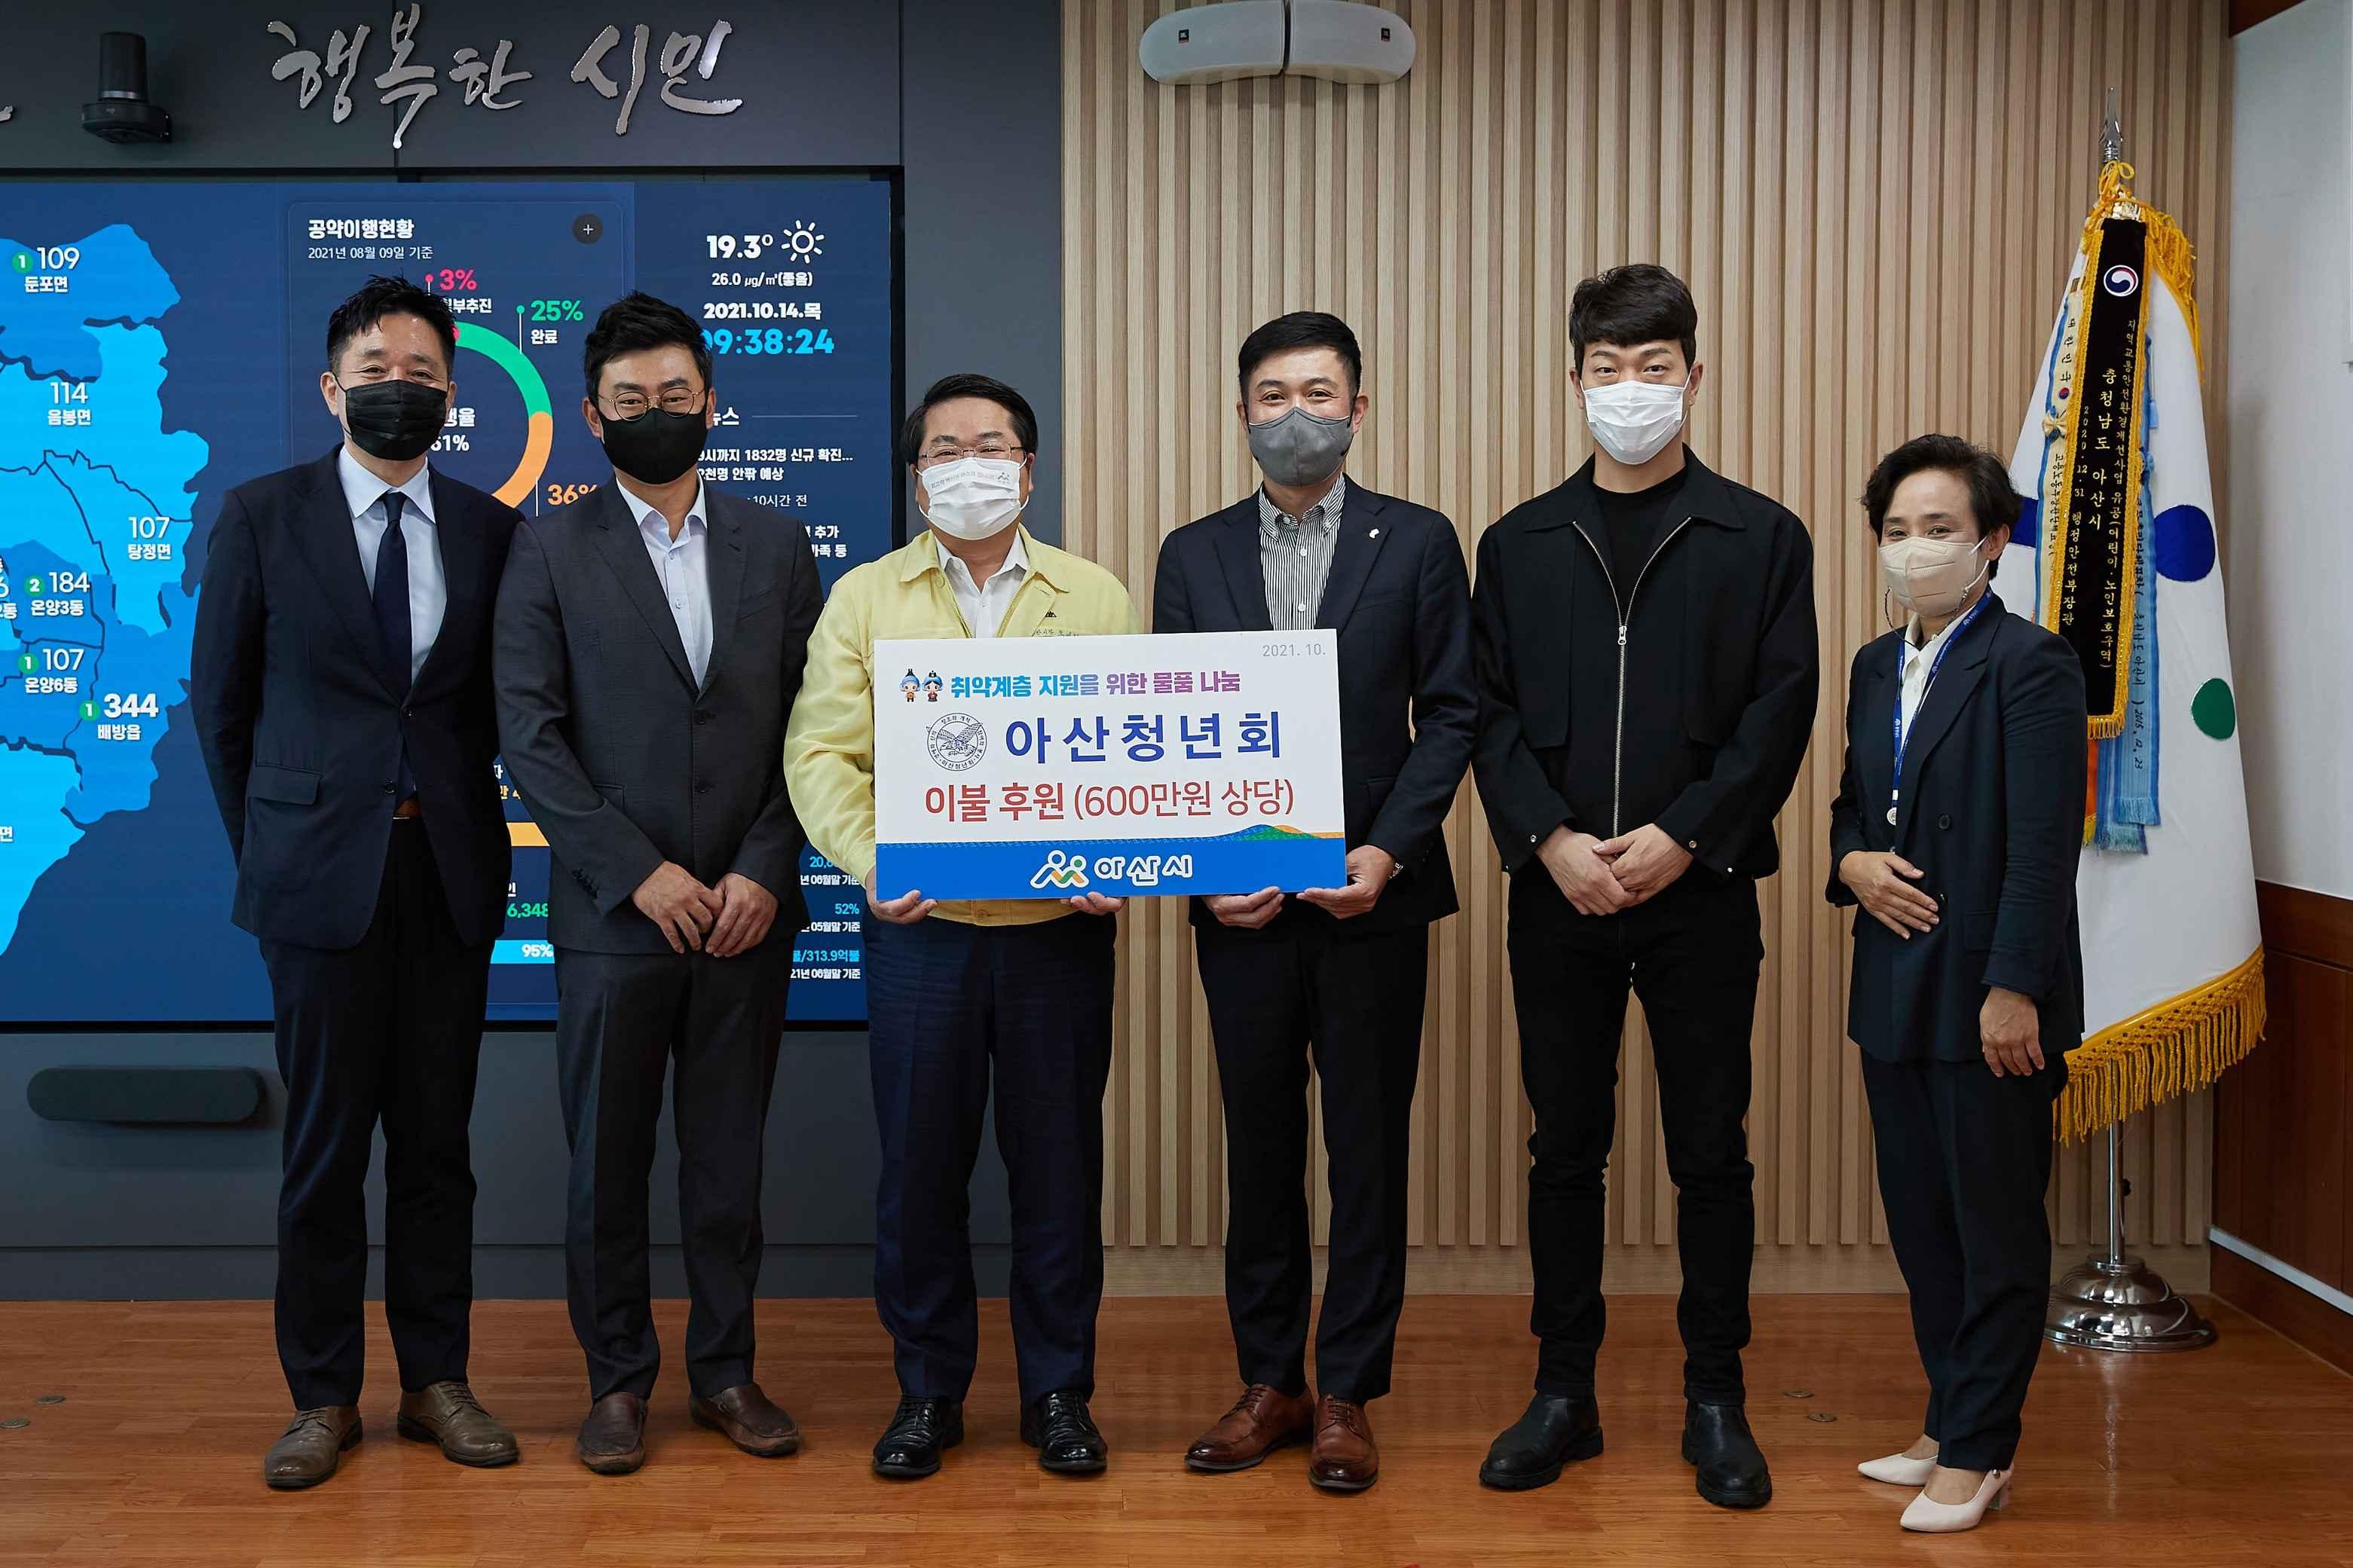 2021.10.14.아산청년회, 취약계층지원 600만원 상당 이불 후원